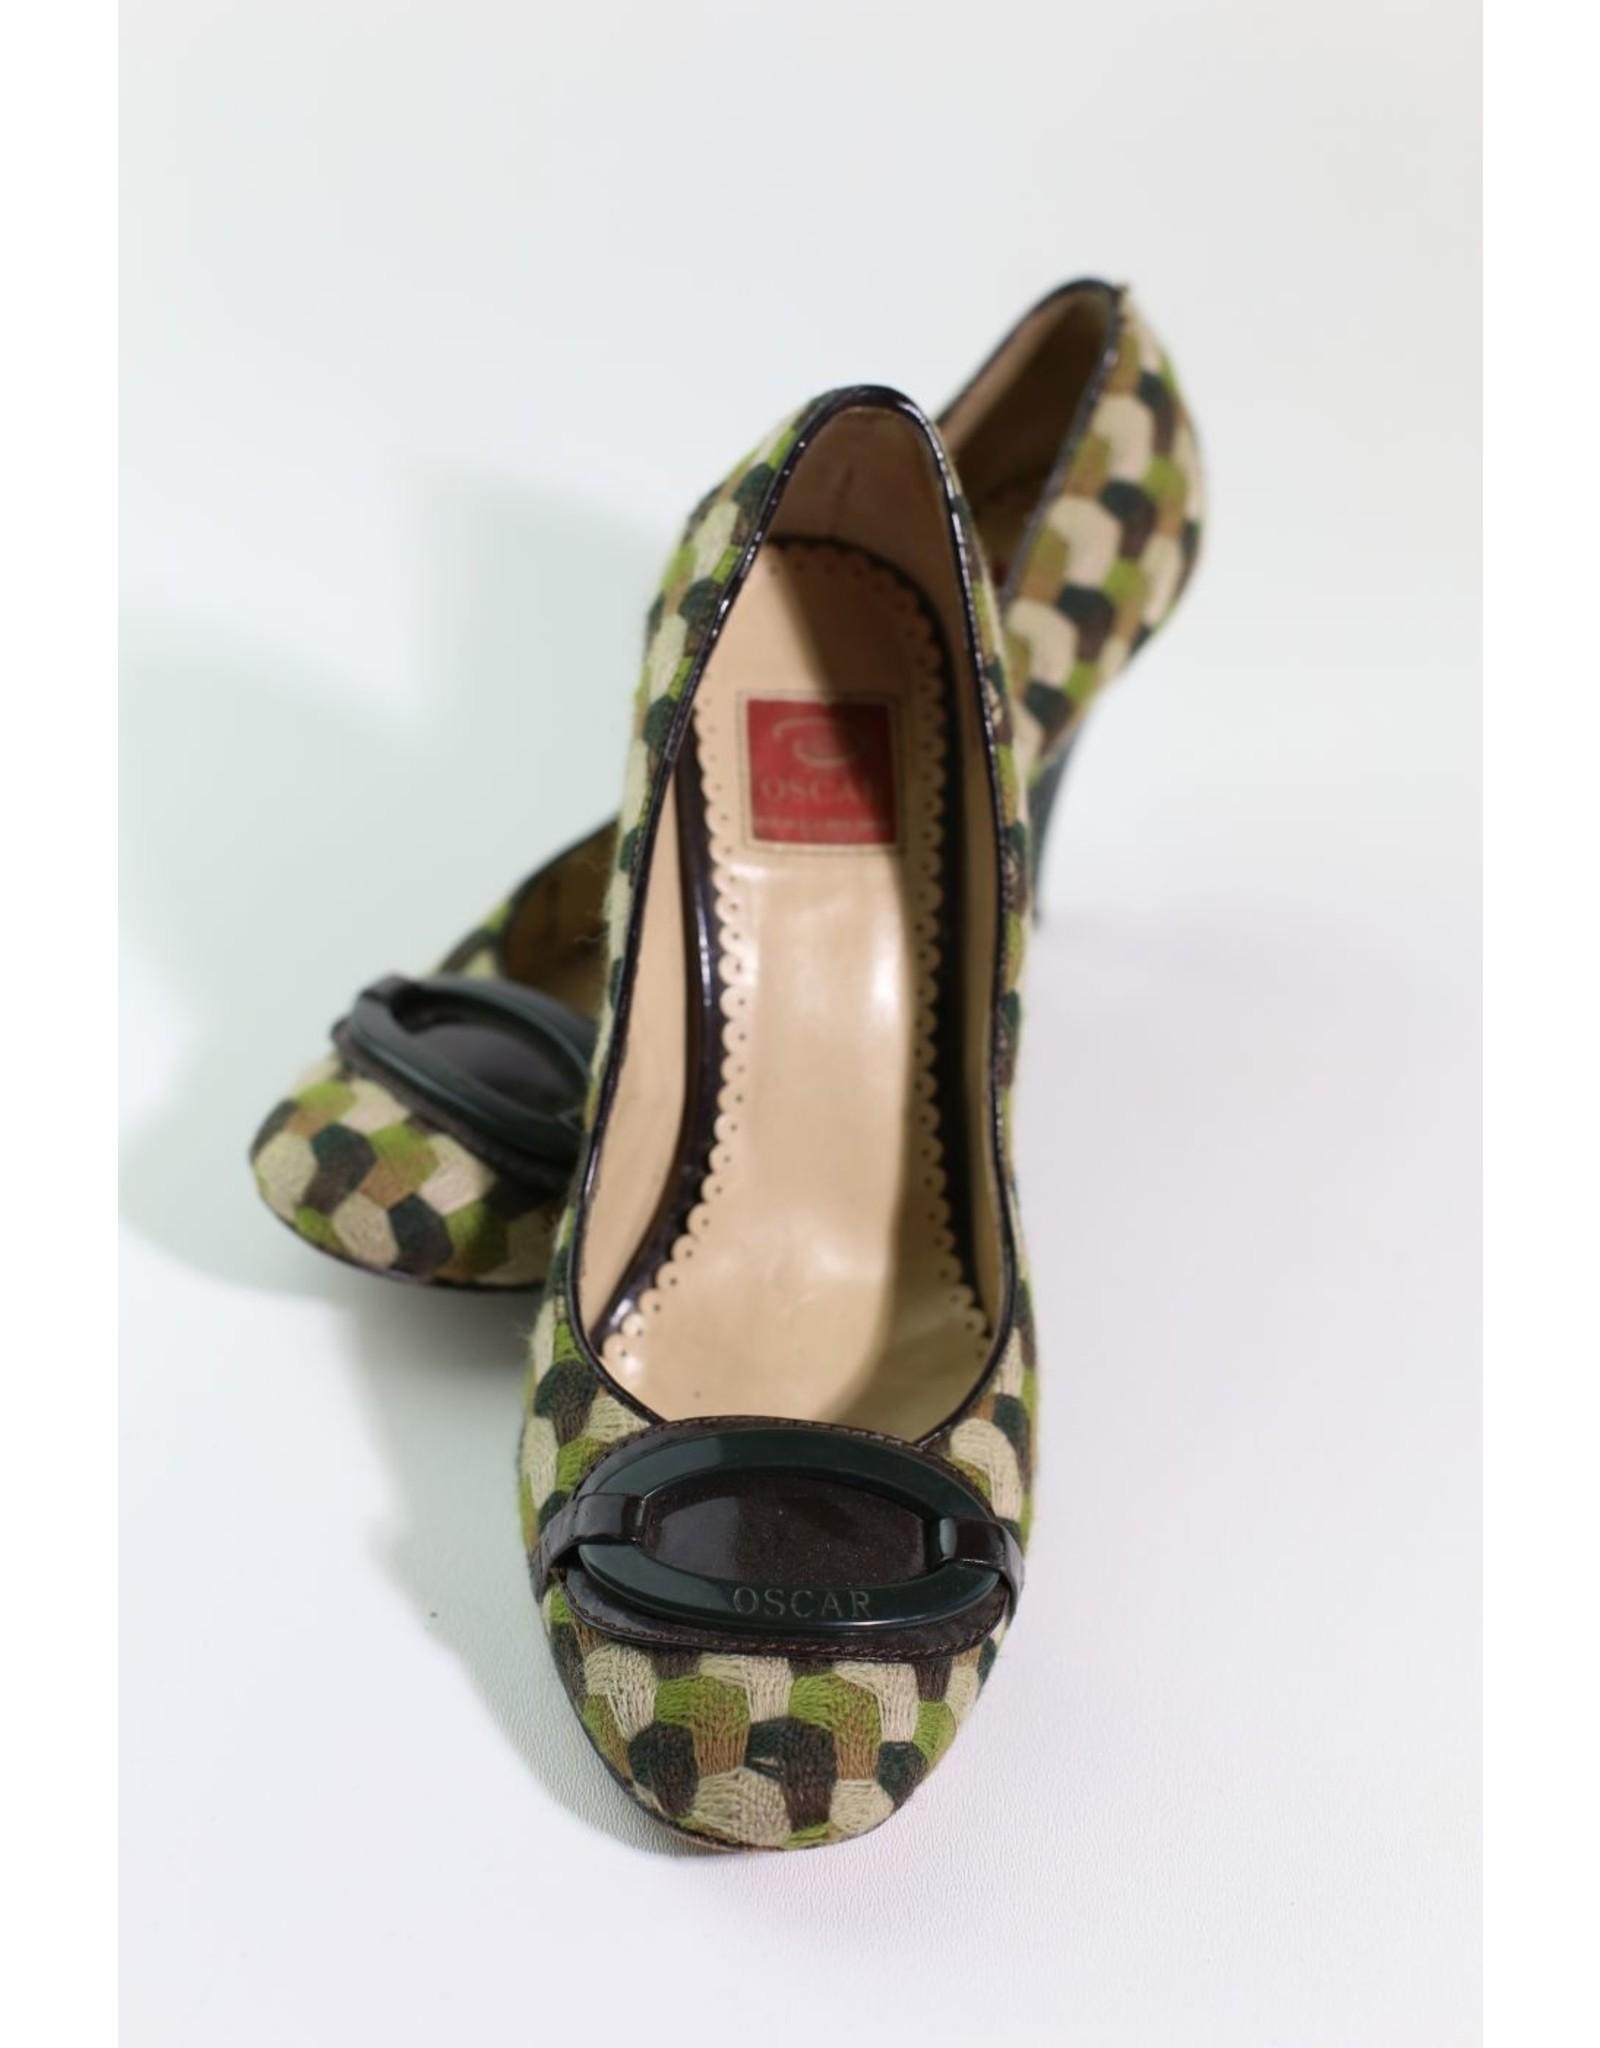 1970's Textile Fabric Oscar De La Renta Colonial Heels